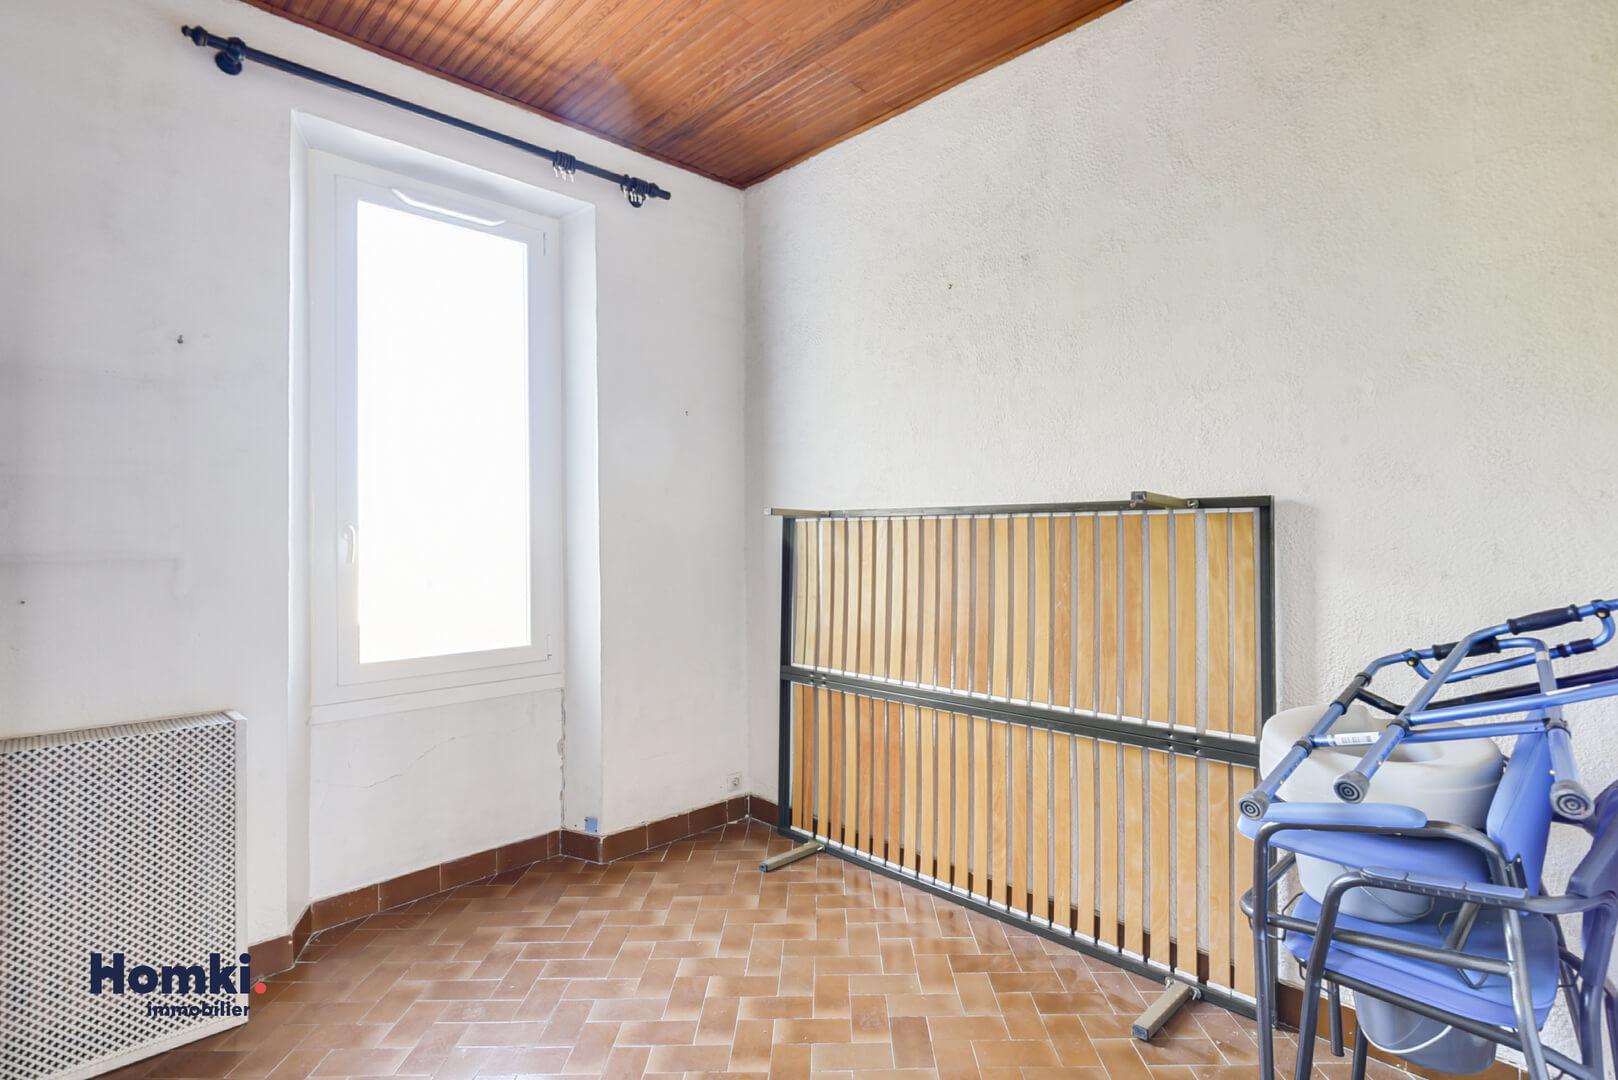 Vente Maison 100 m² T5 13012 Marseille_11